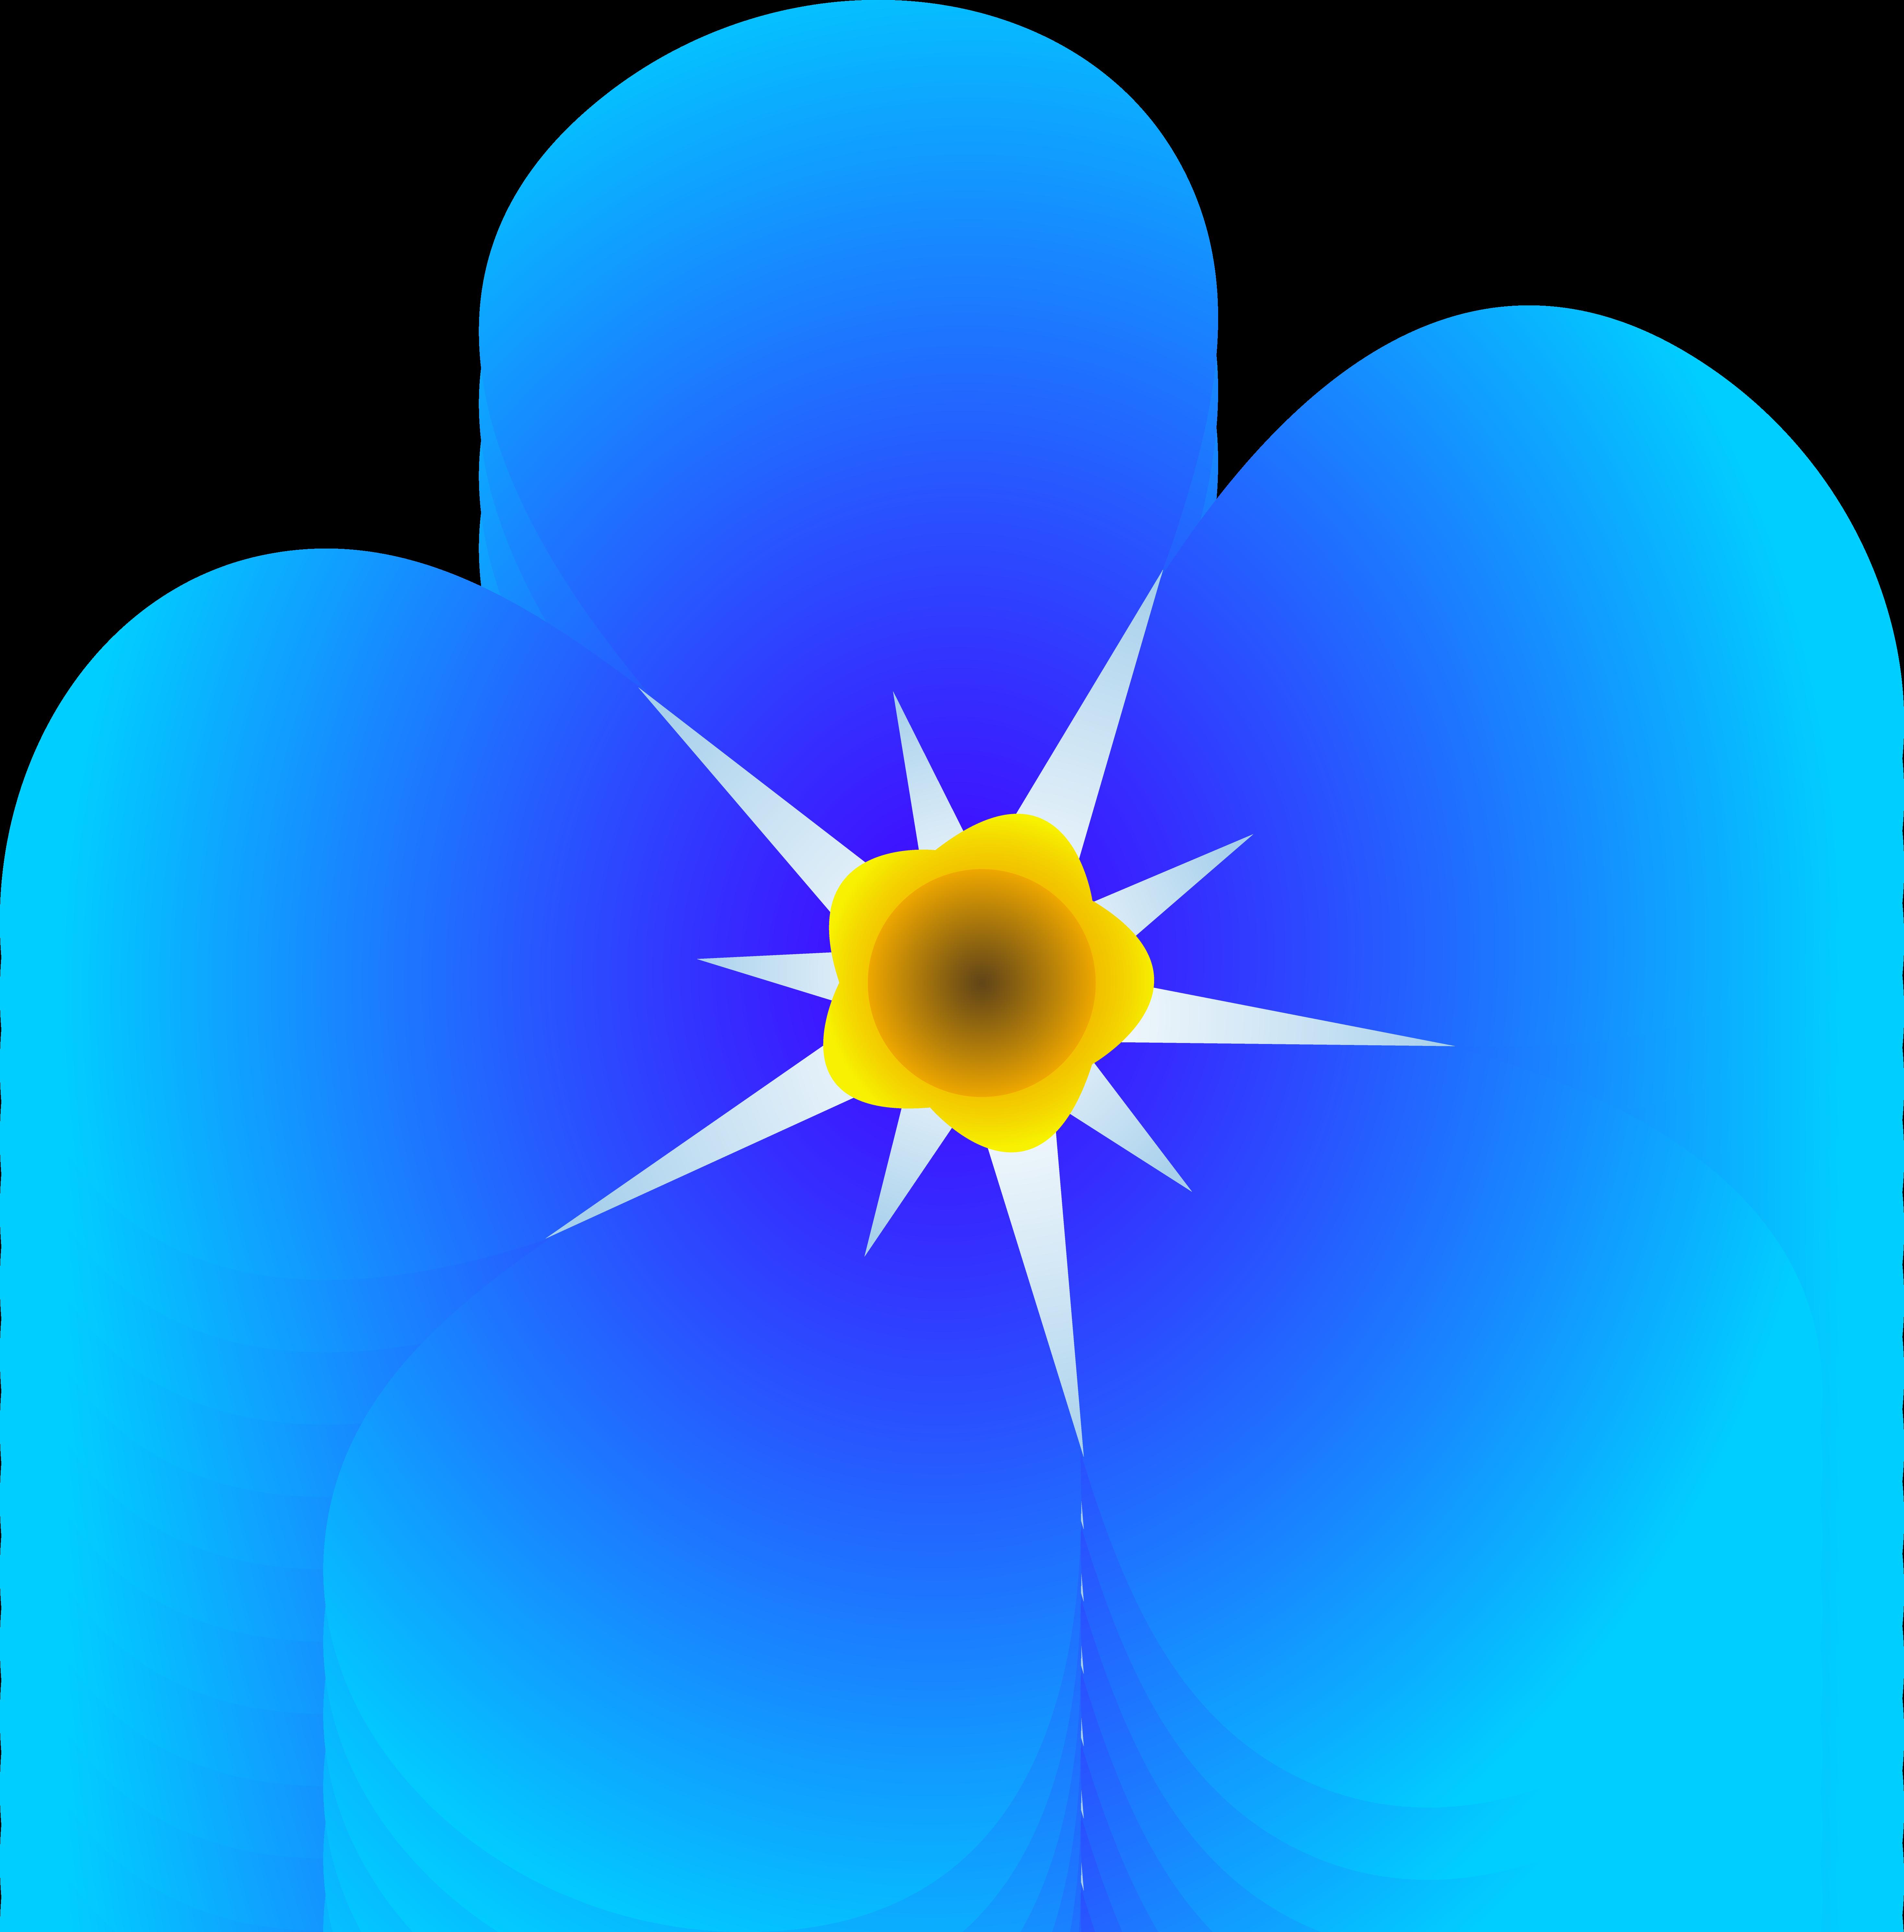 Spring Clip Art. Spring Garden Clipart-Spring Clip Art. spring garden clipart-16